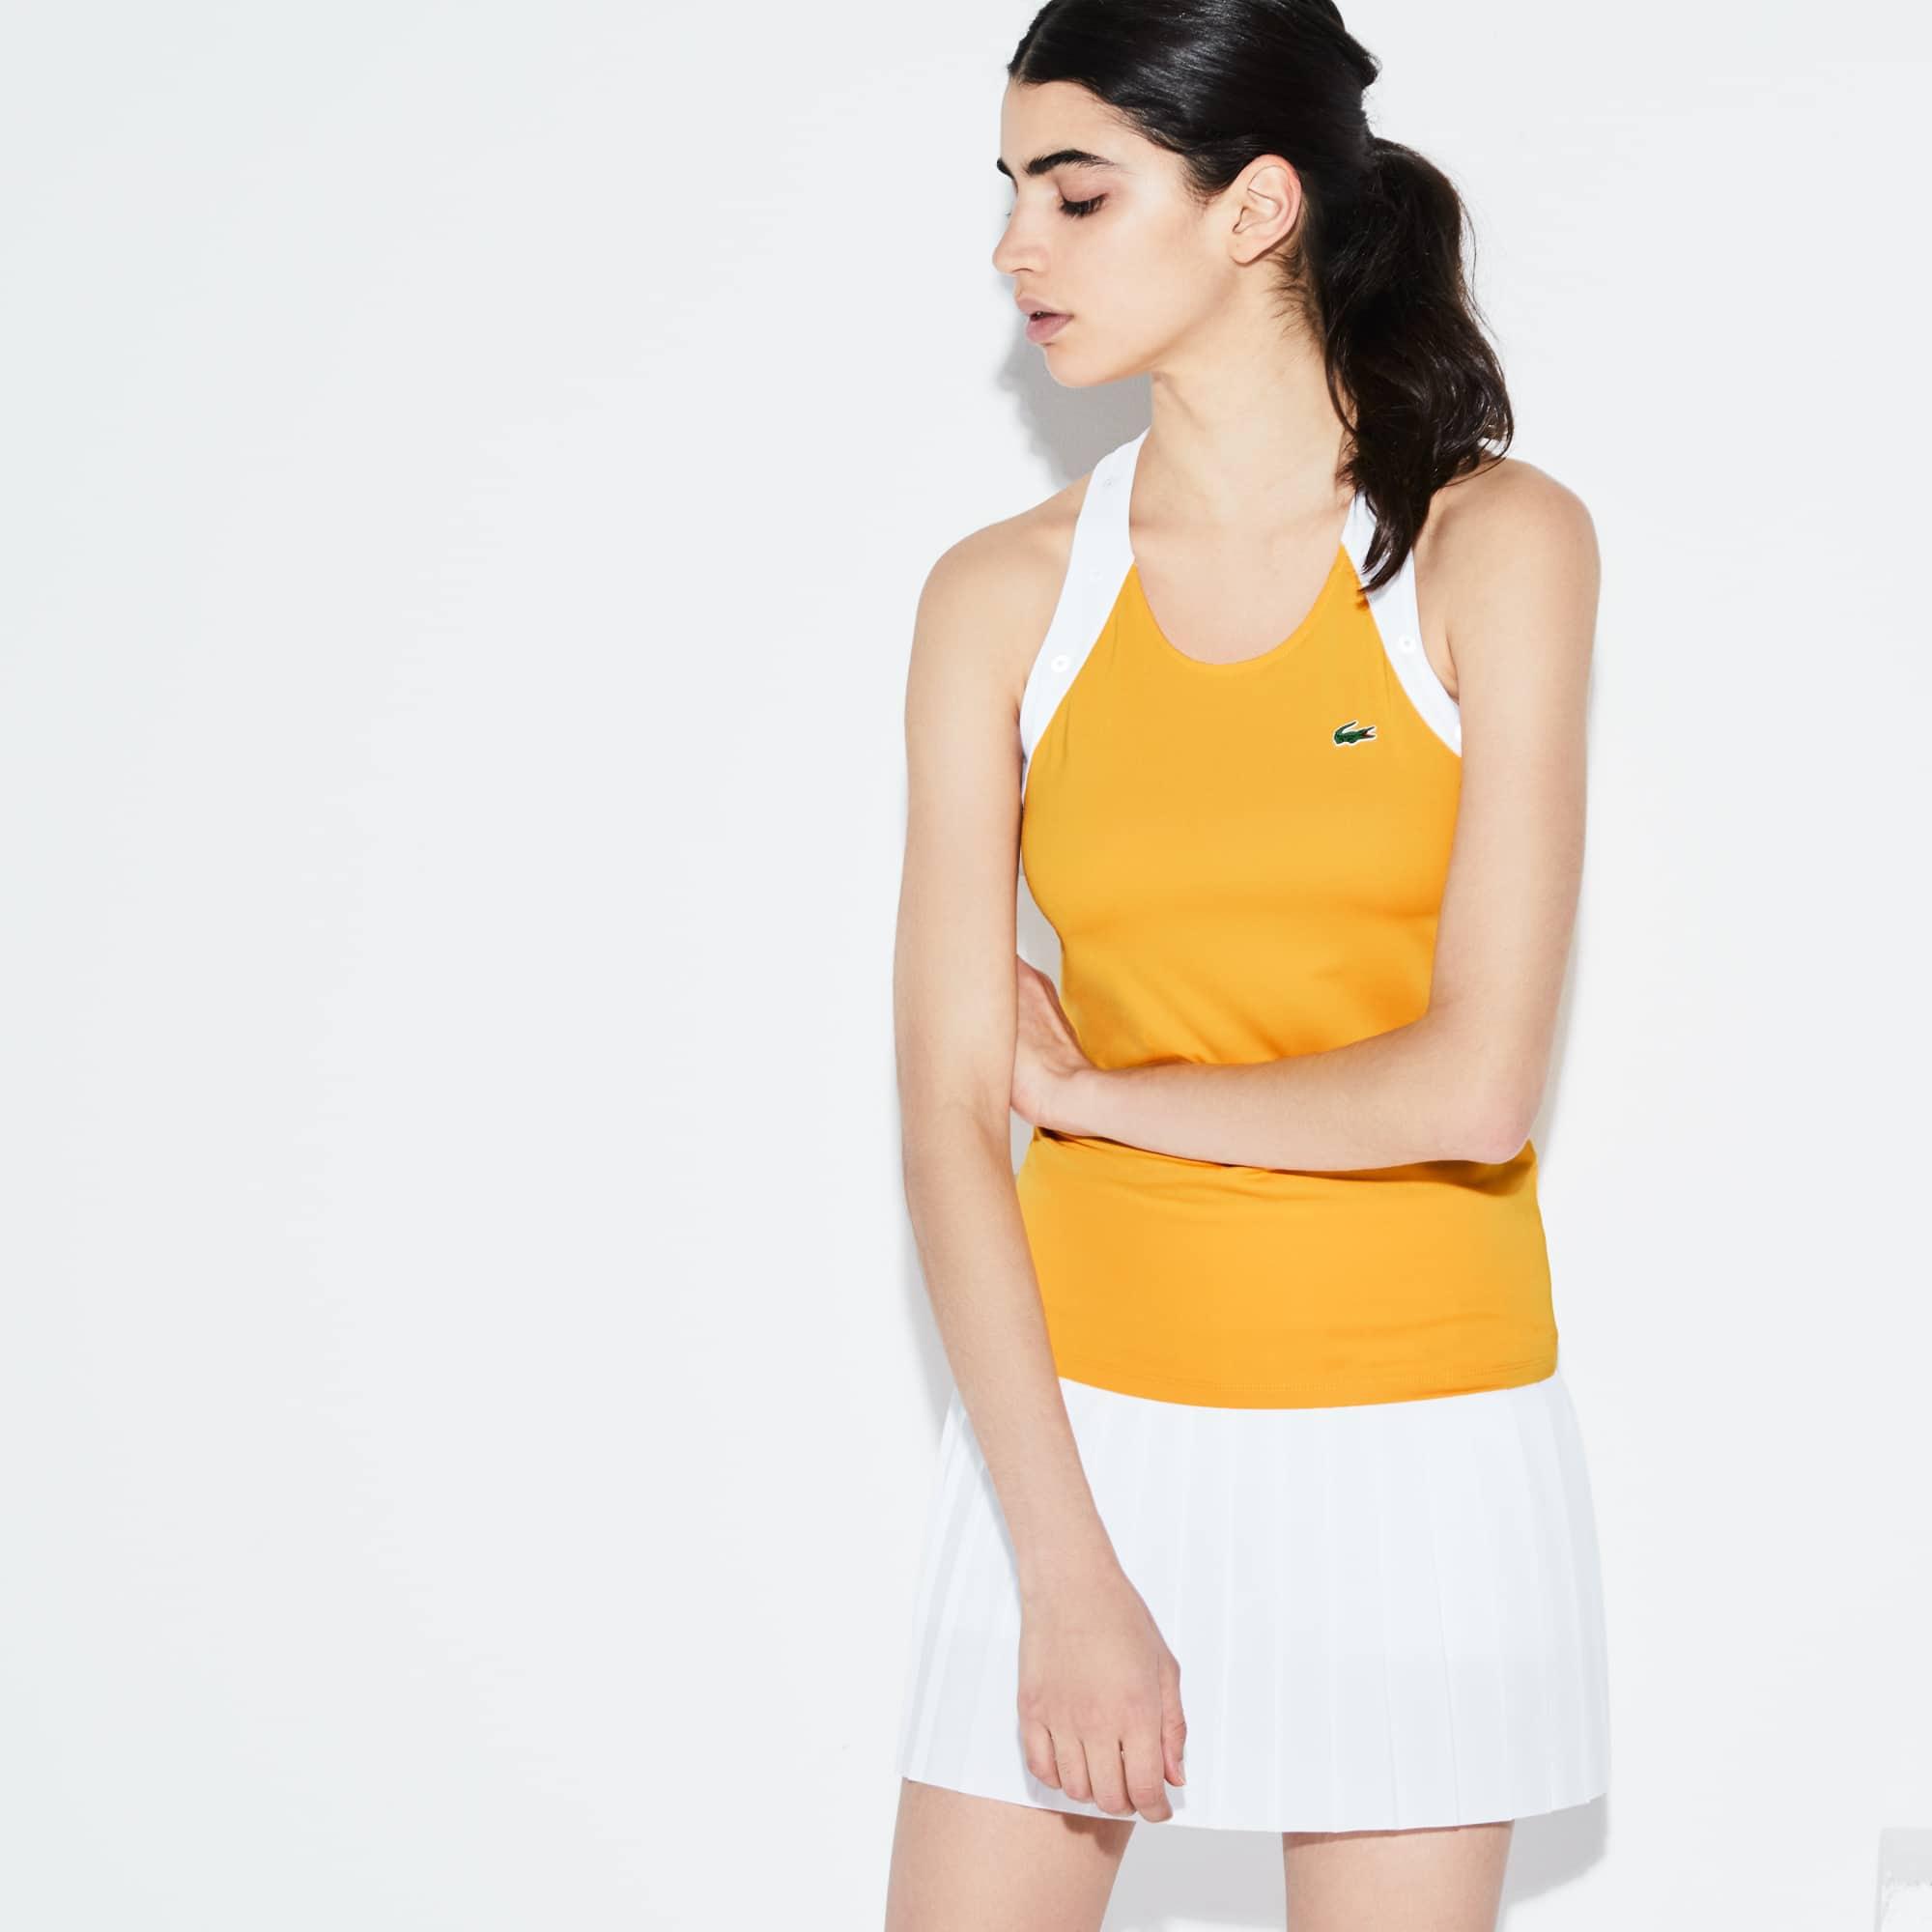 Canotta con dorso a vogatore Tennis Lacoste SPORT in jersey tecnico bicolore